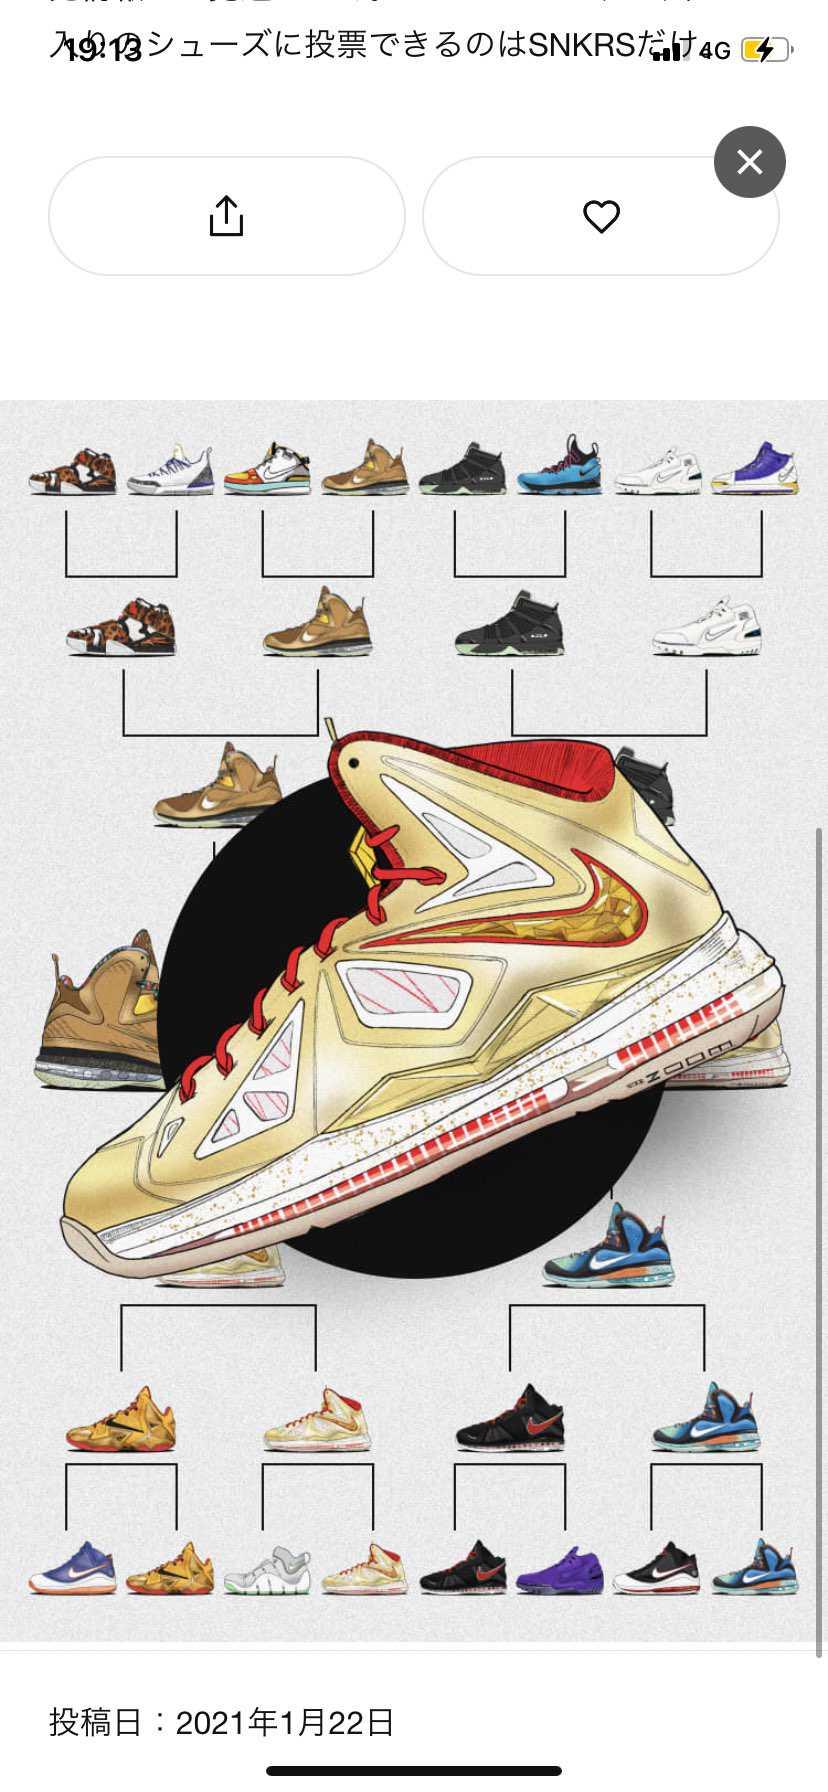 このレブロン10発売は熱いな🔥🔥  ジム用の靴にしたいな💪💪